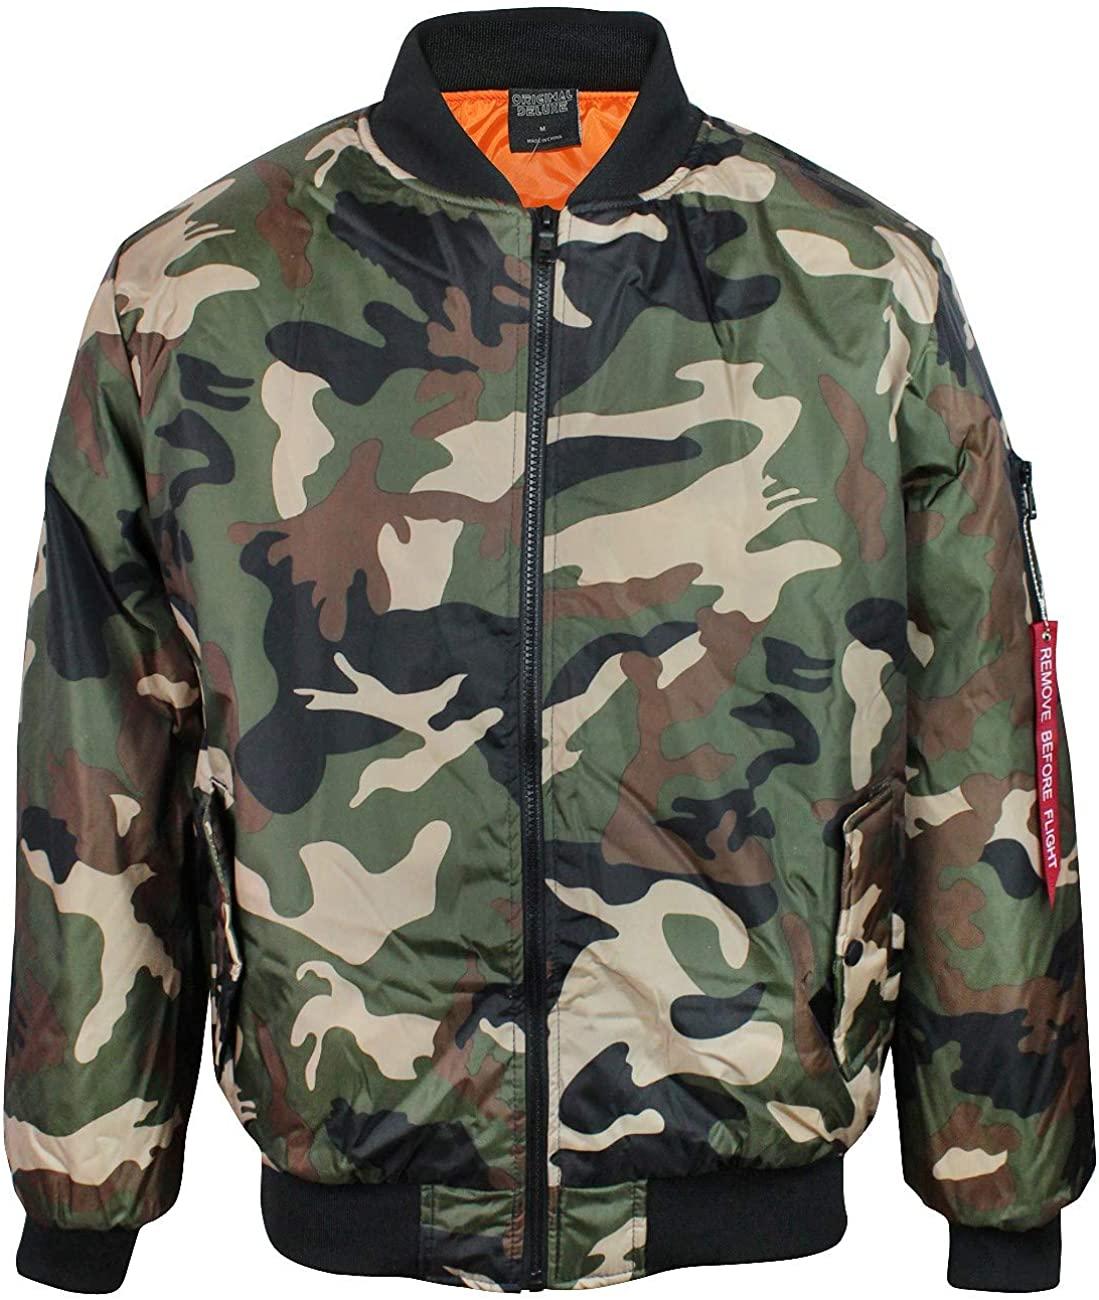 Original Deluxe Men's Zip Up Military Pilot Army Bomber Jacket